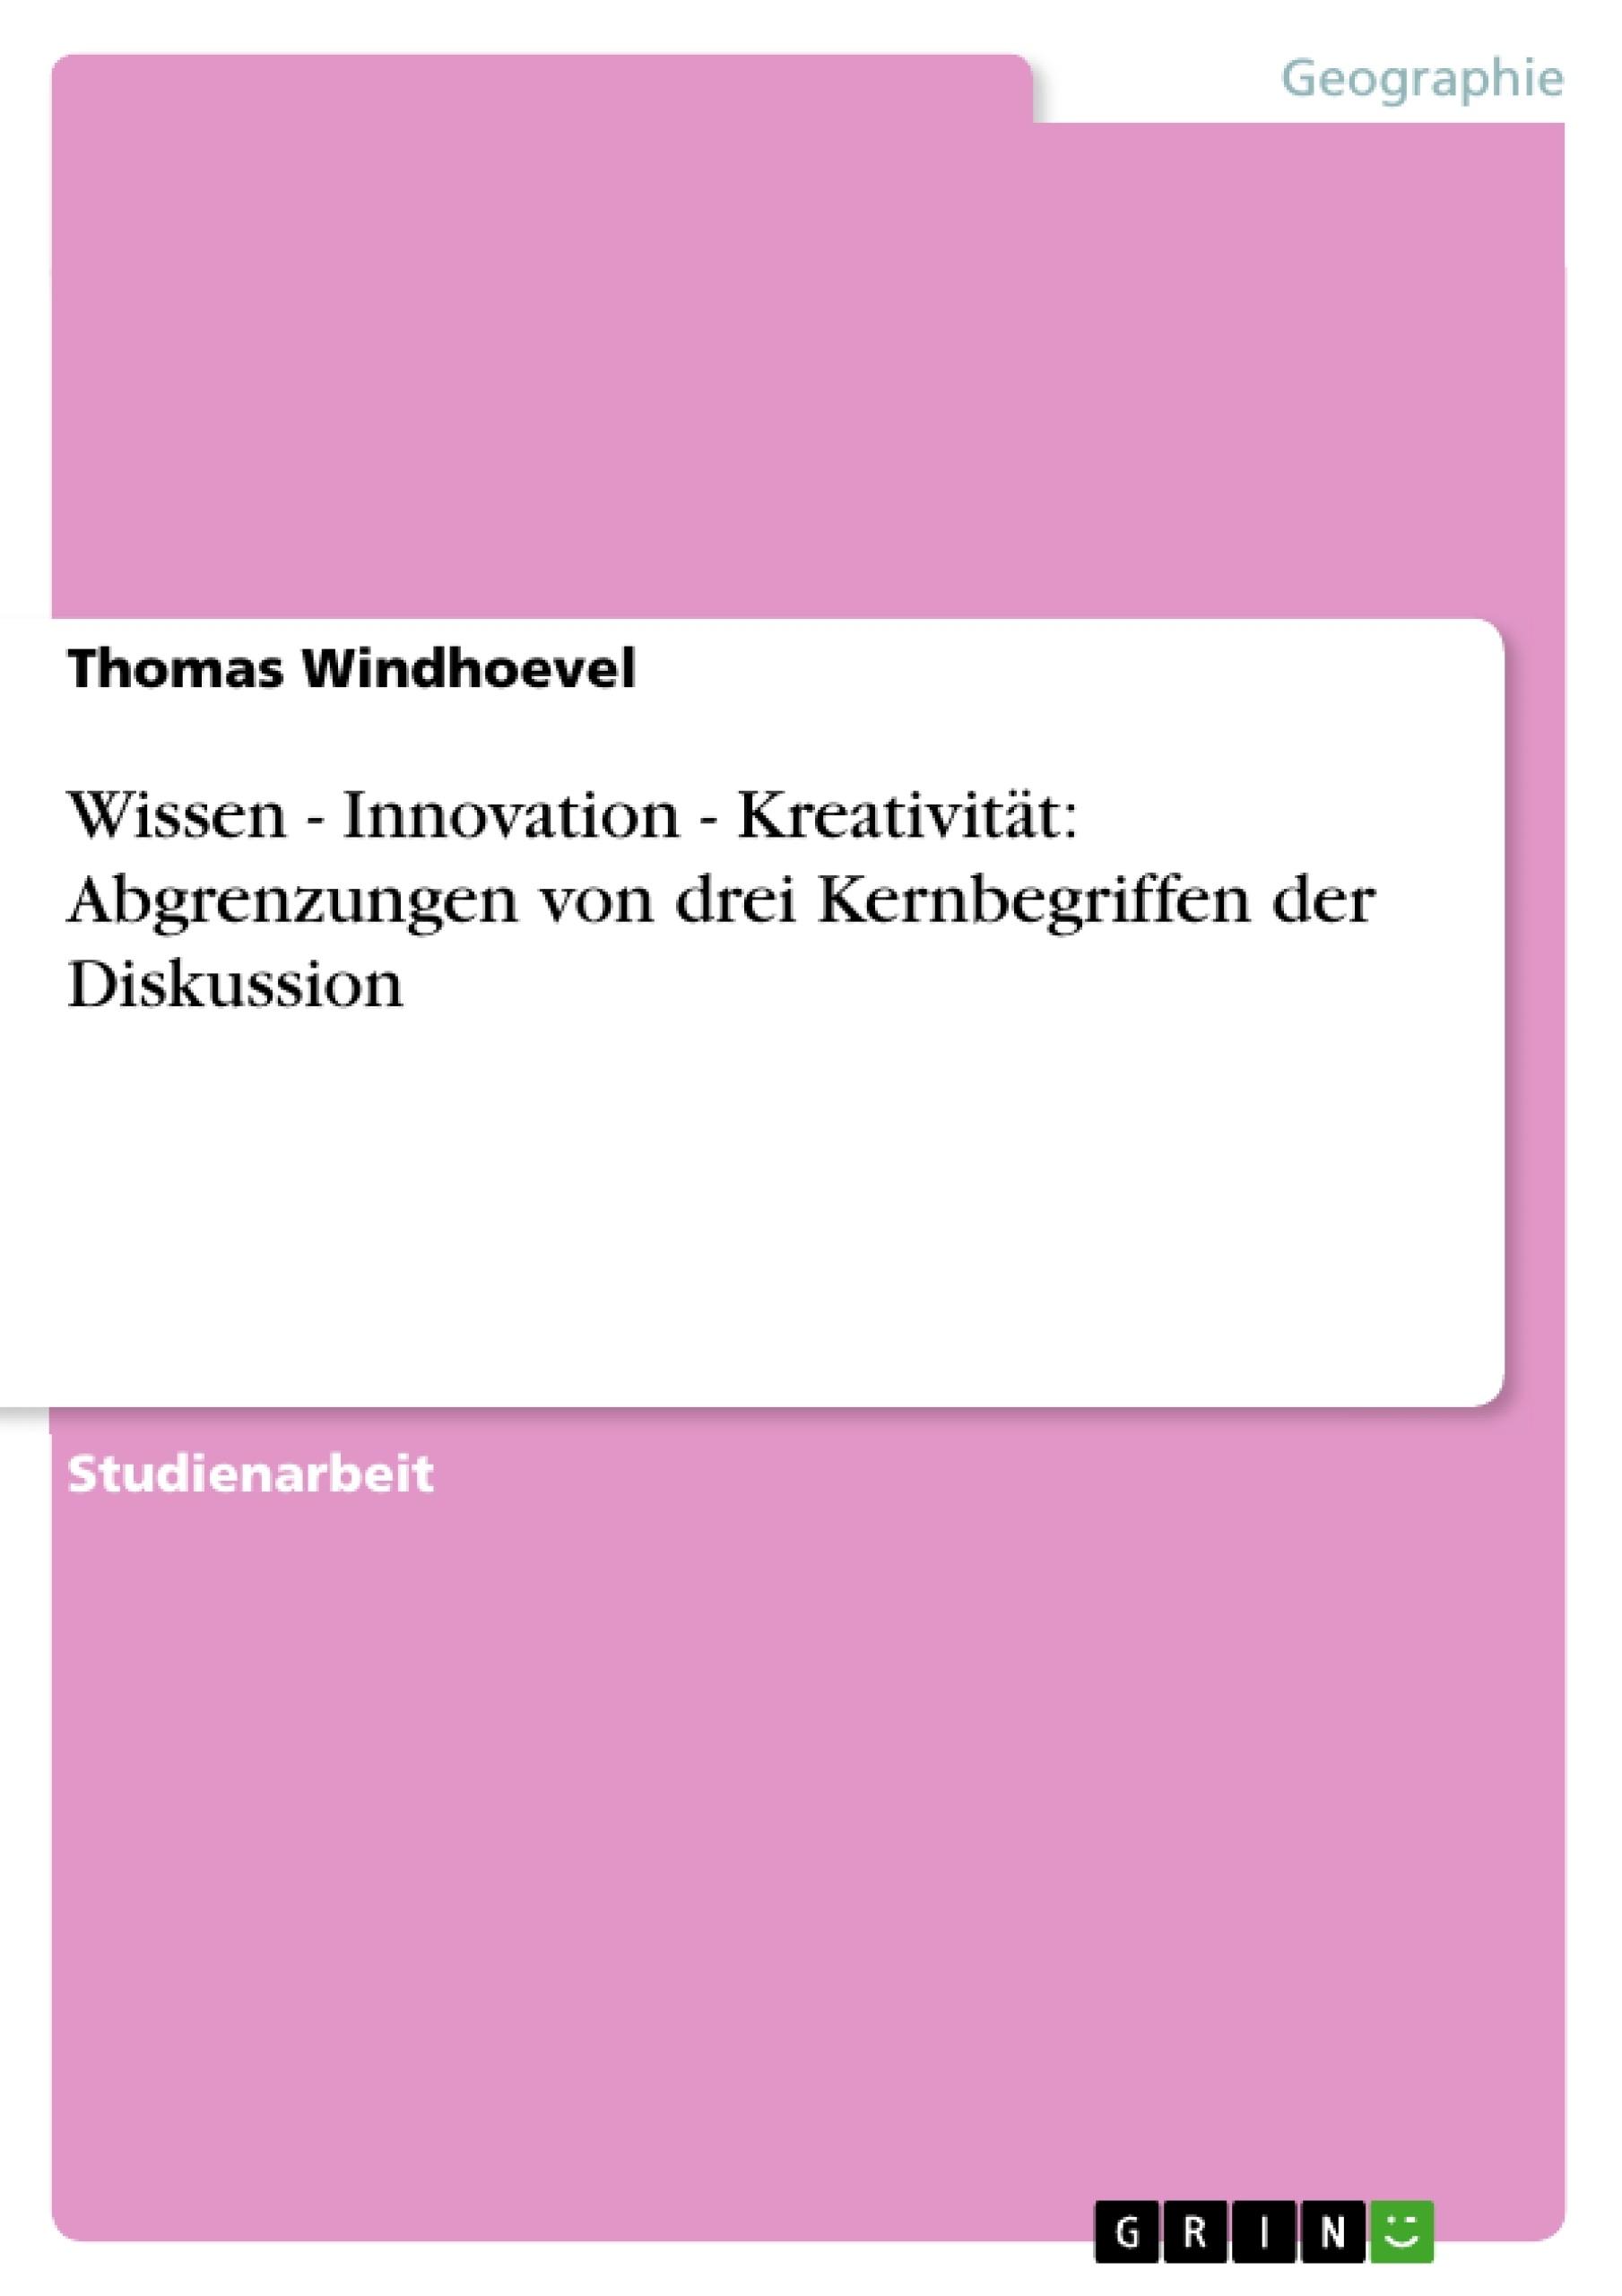 Titel: Wissen - Innovation - Kreativität: Abgrenzungen von drei Kernbegriffen der Diskussion